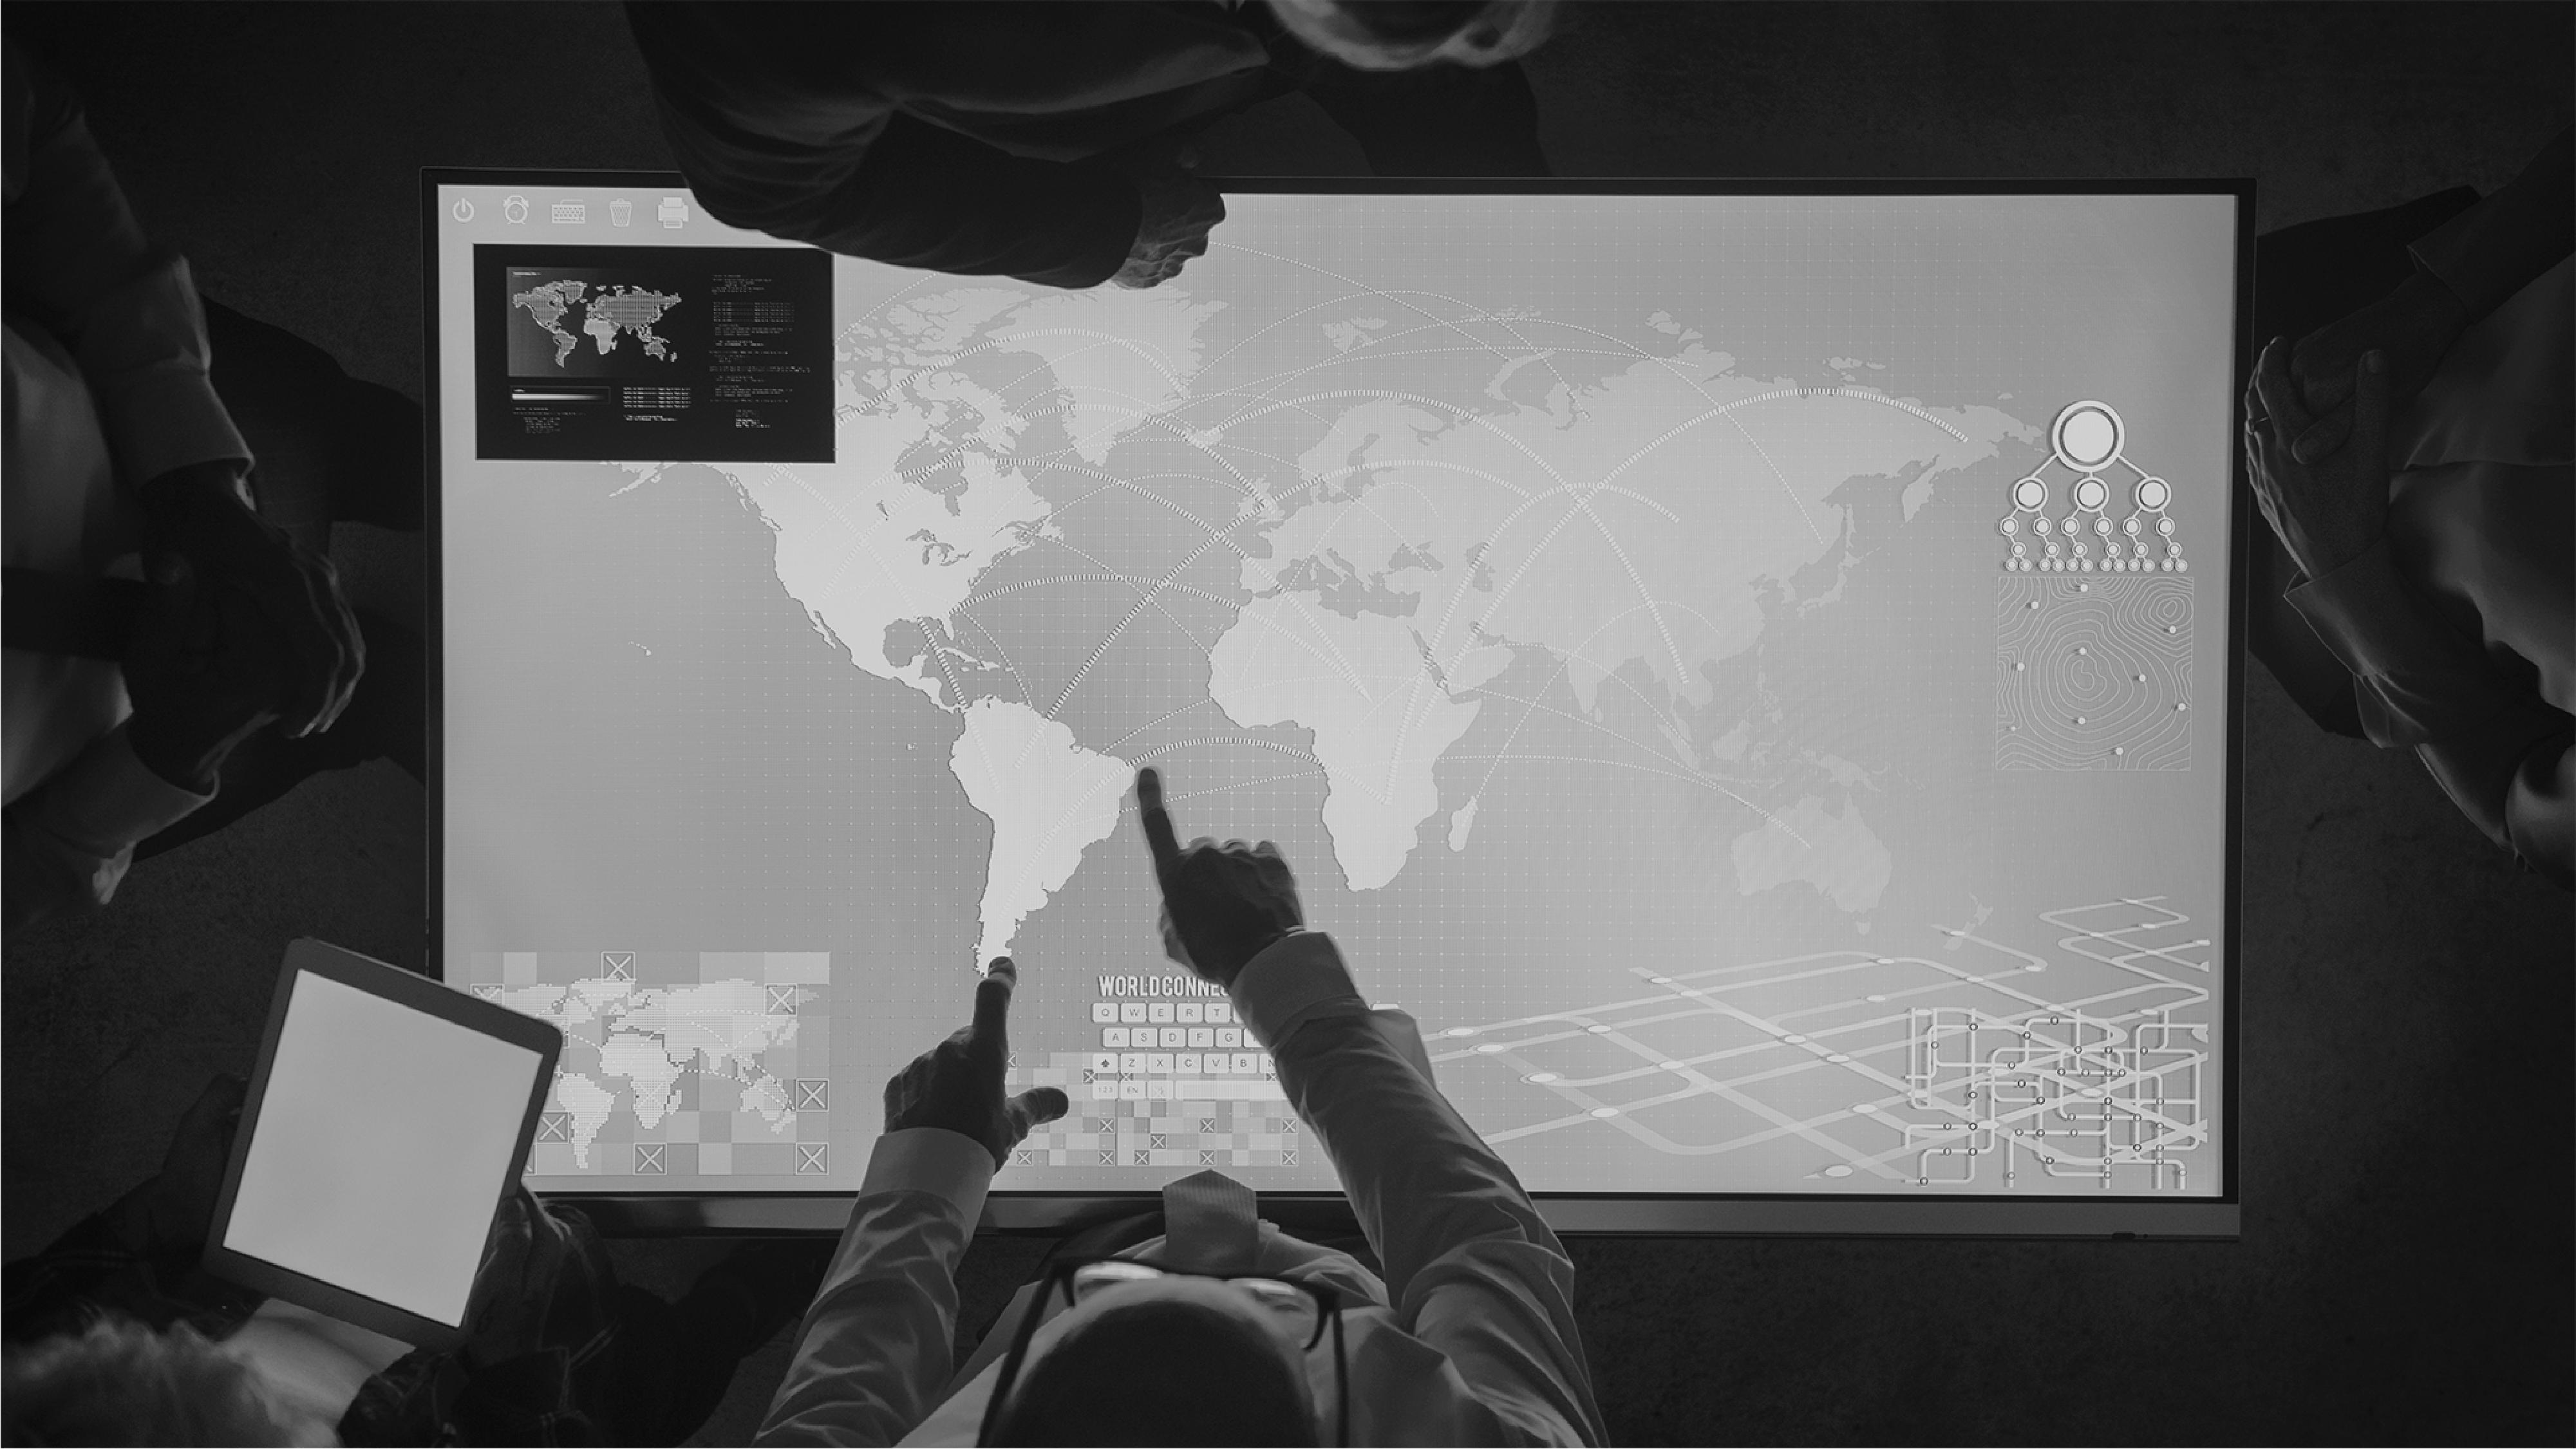 Analiza: Bezpieczeństwo informacyjne jako wektor współpracy dla Japonii i Europy